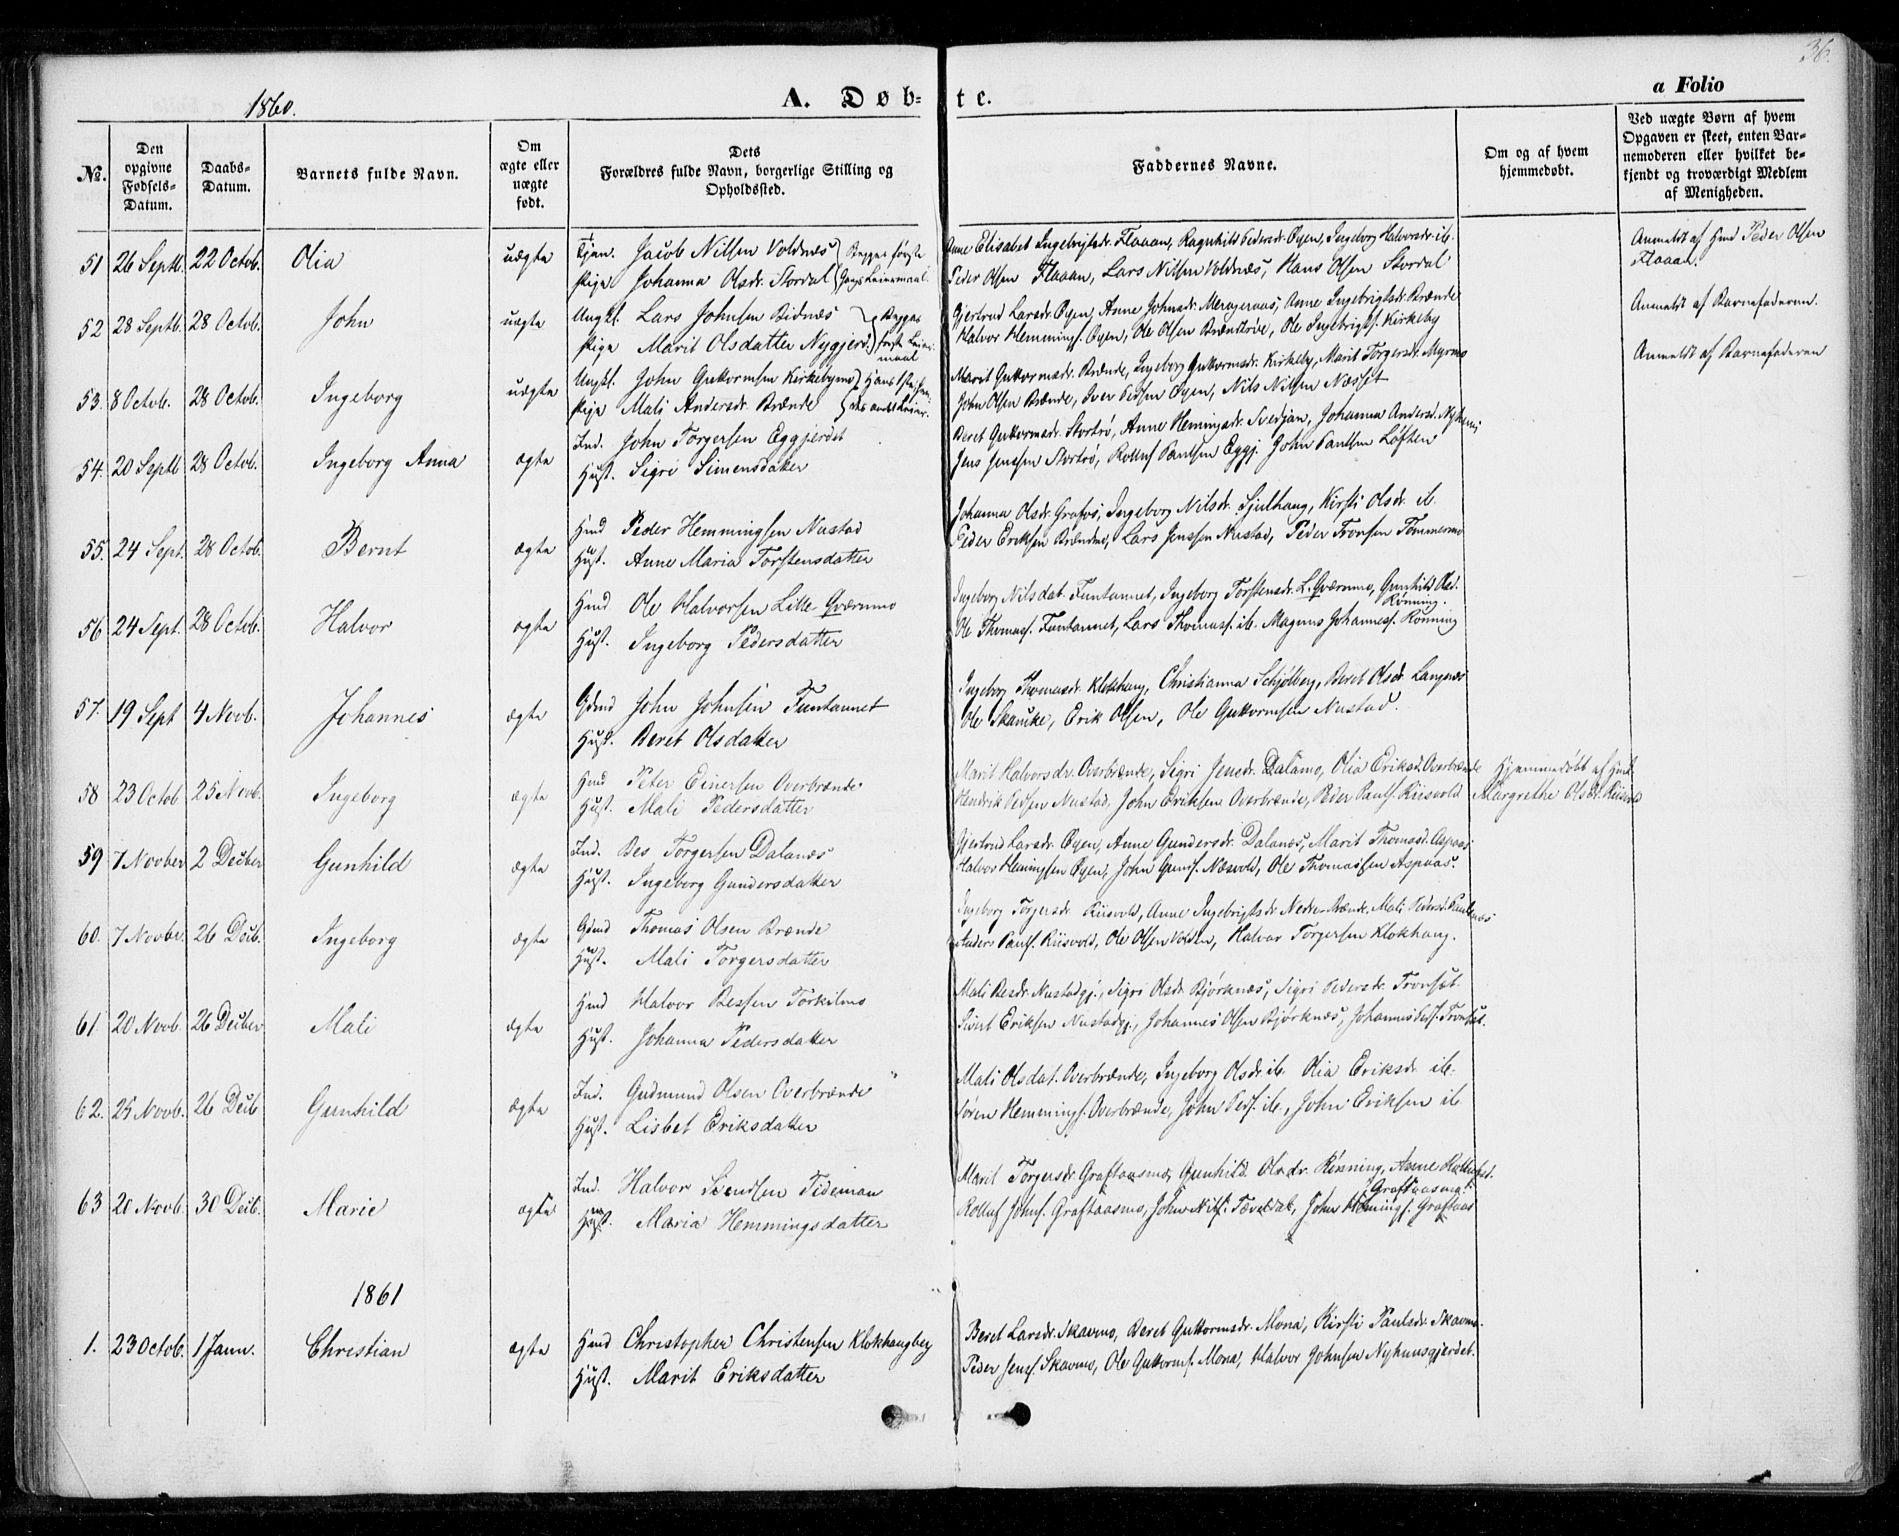 SAT, Ministerialprotokoller, klokkerbøker og fødselsregistre - Nord-Trøndelag, 706/L0040: Ministerialbok nr. 706A01, 1850-1861, s. 36